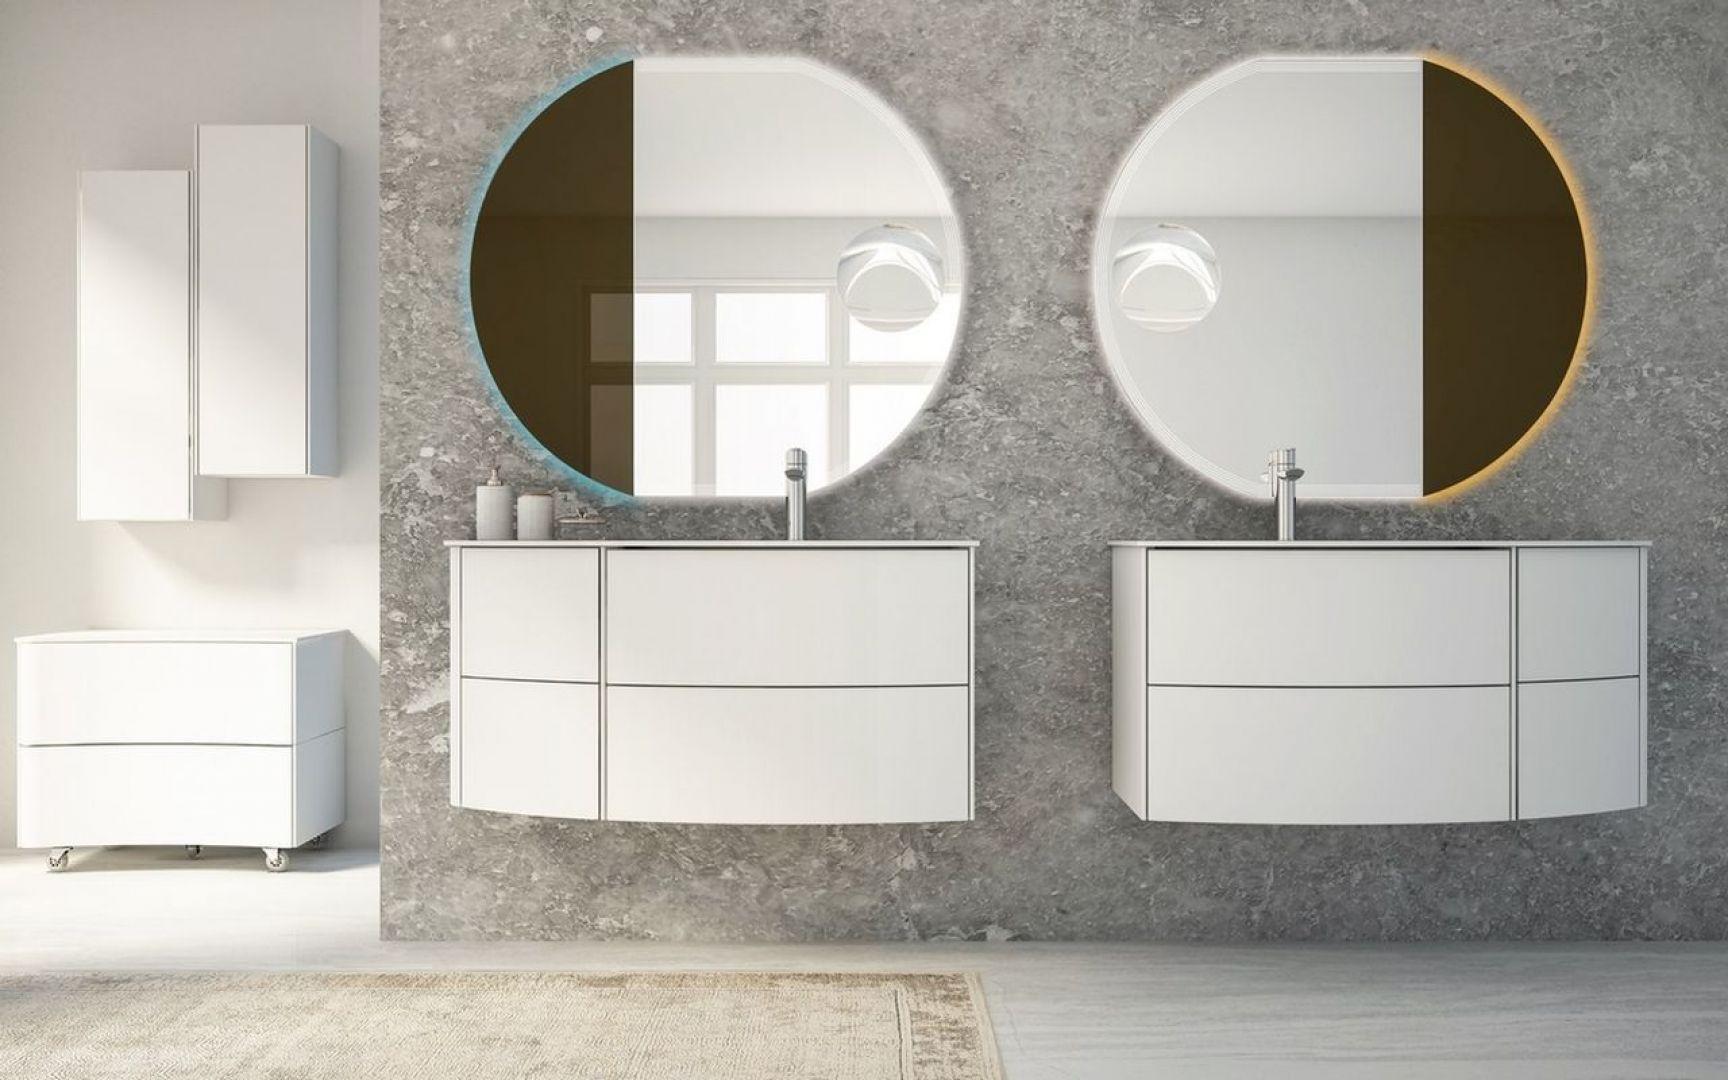 Modularne meble łazienkowe wraz z Led-owymi okrągłymi lustrami od firmy Baden Haus. Fot. Baden Haus